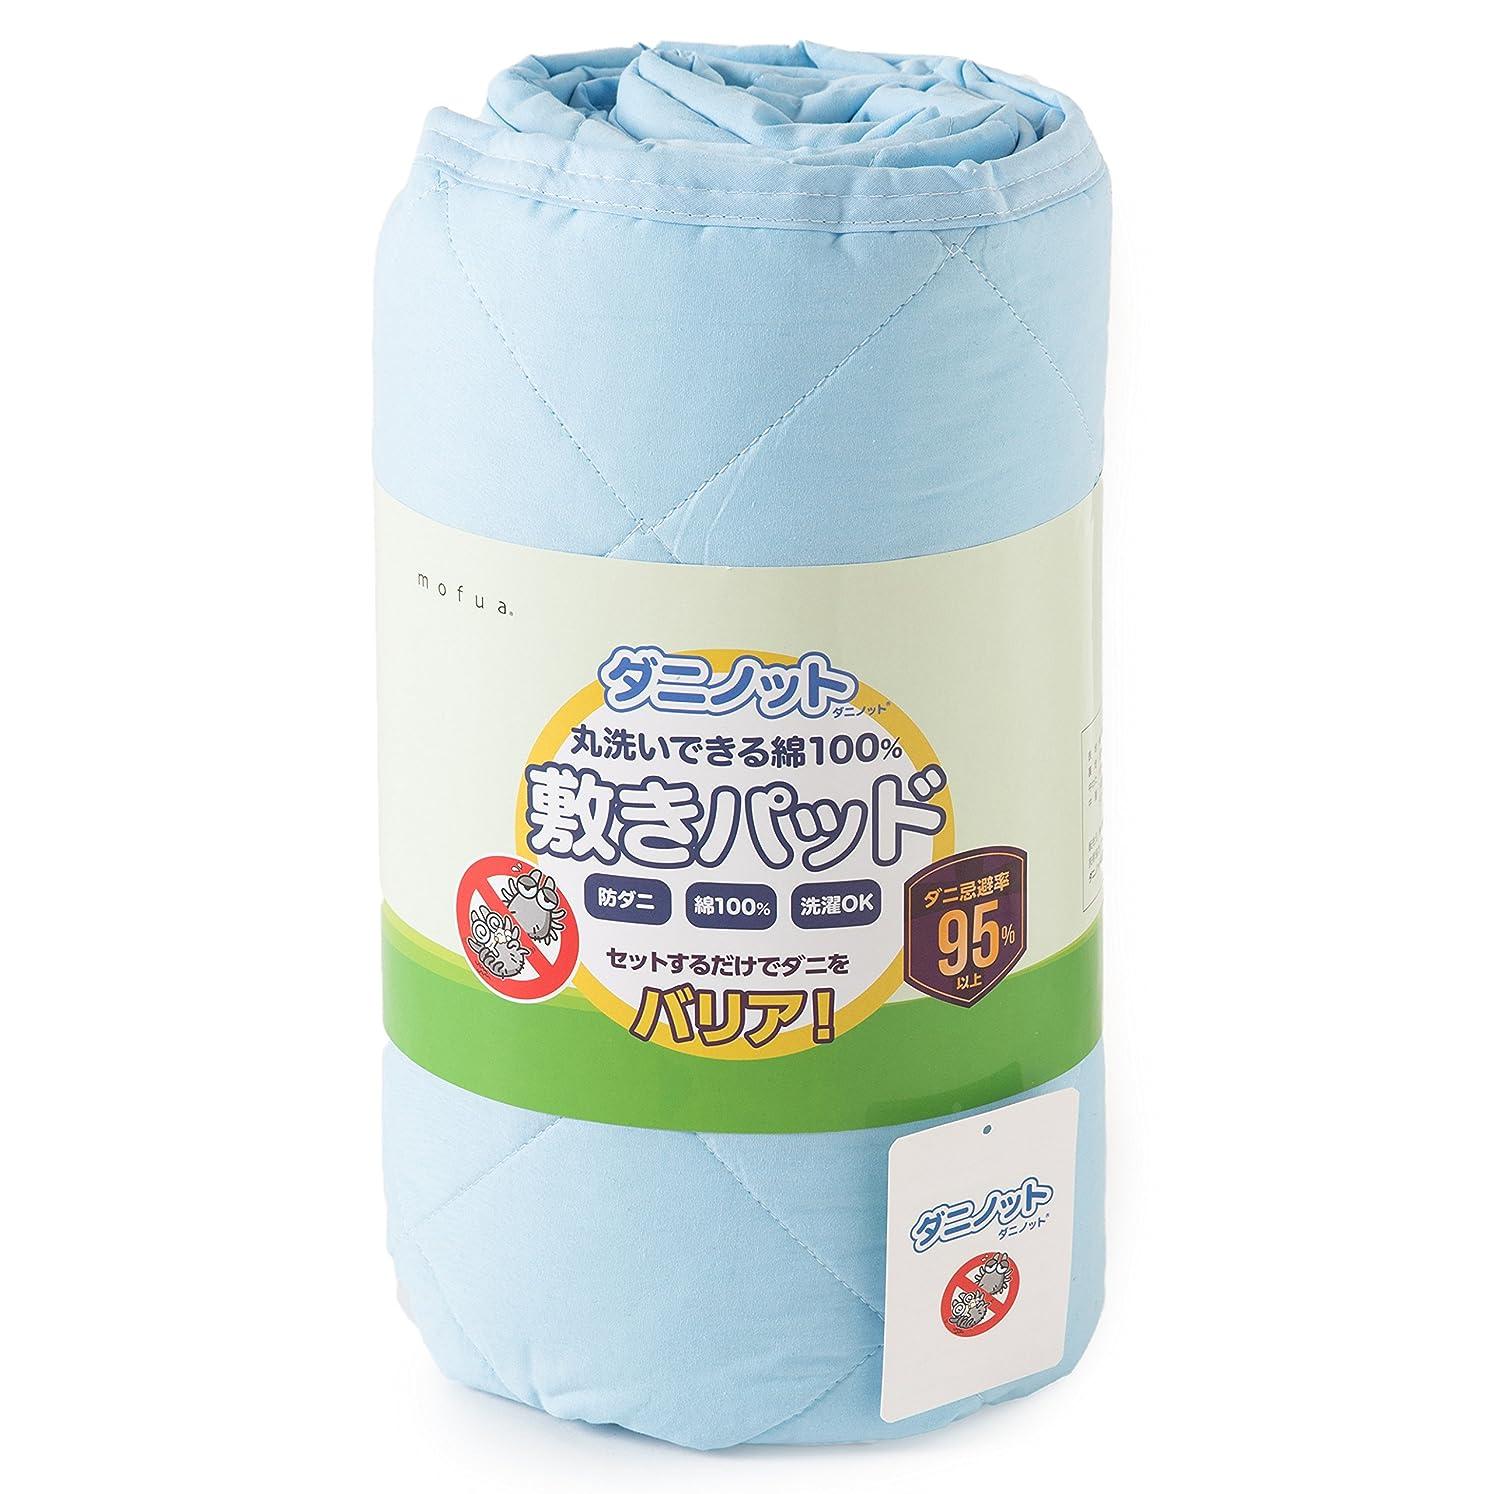 許される王女が欲しいmofua 敷きパッド ダニノット(R)使用 丸洗いできる 綿100% ダブル ブルー 57400302